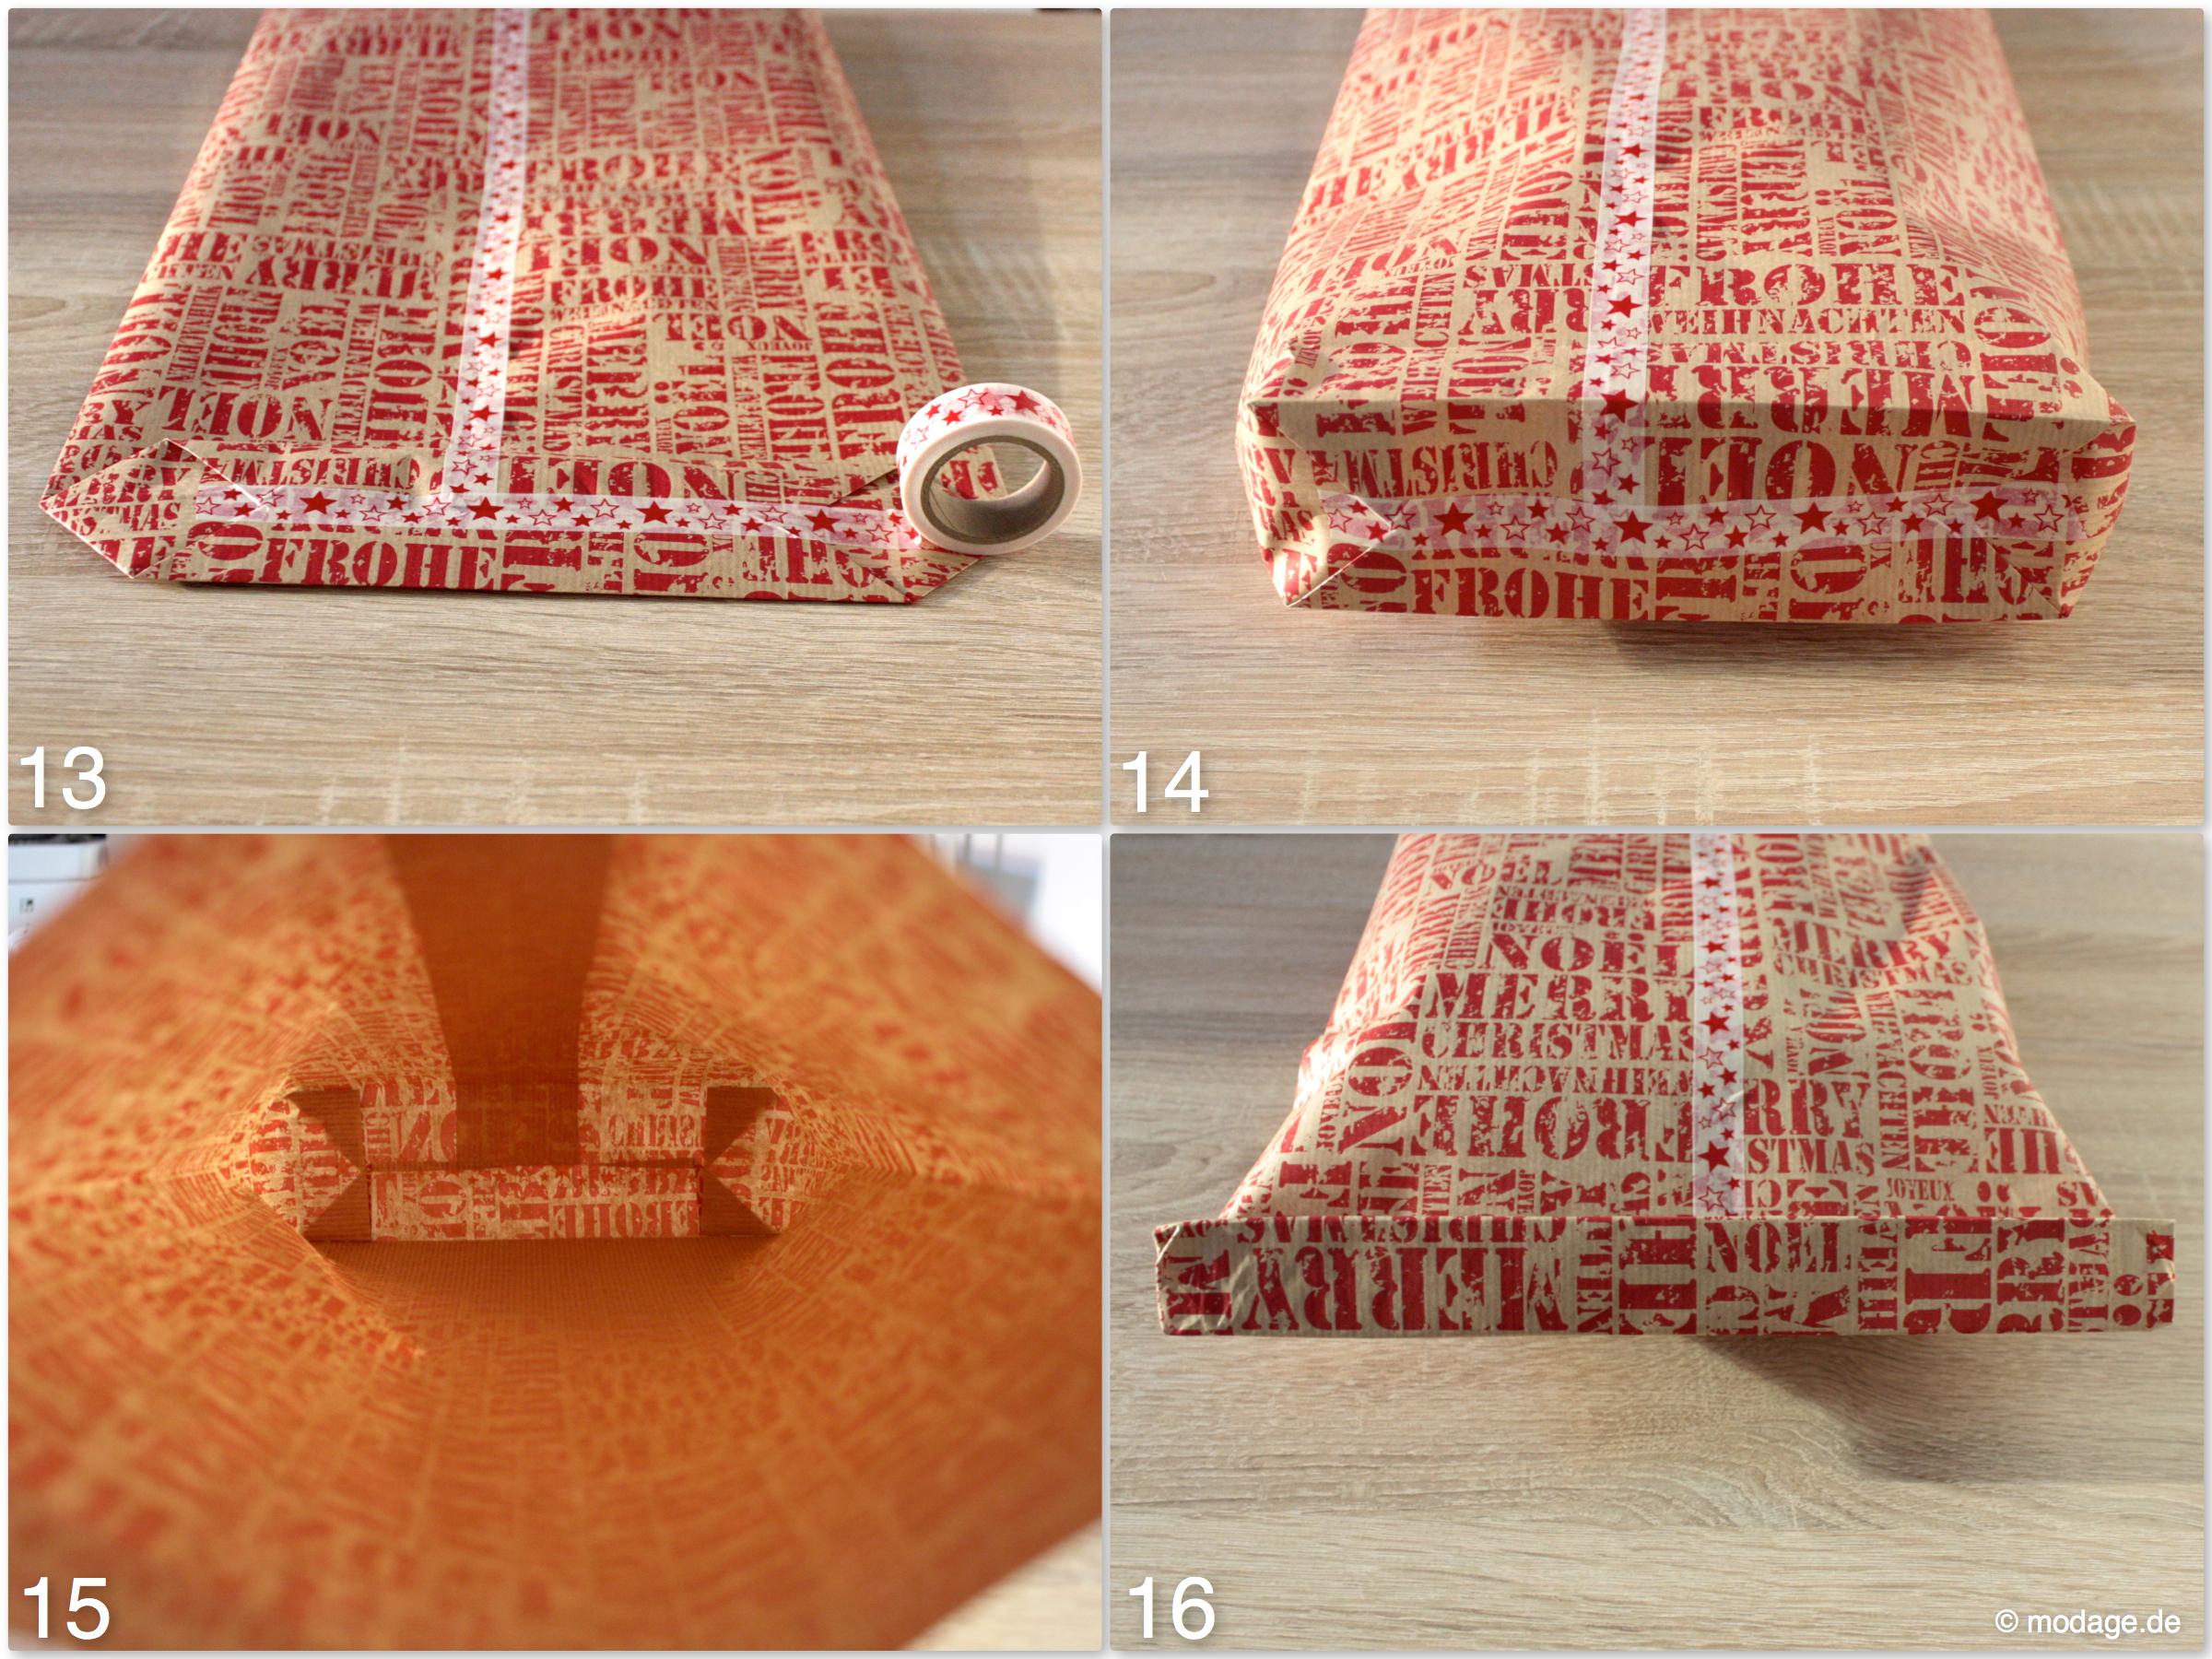 Geschenkverpackung_modage.de5